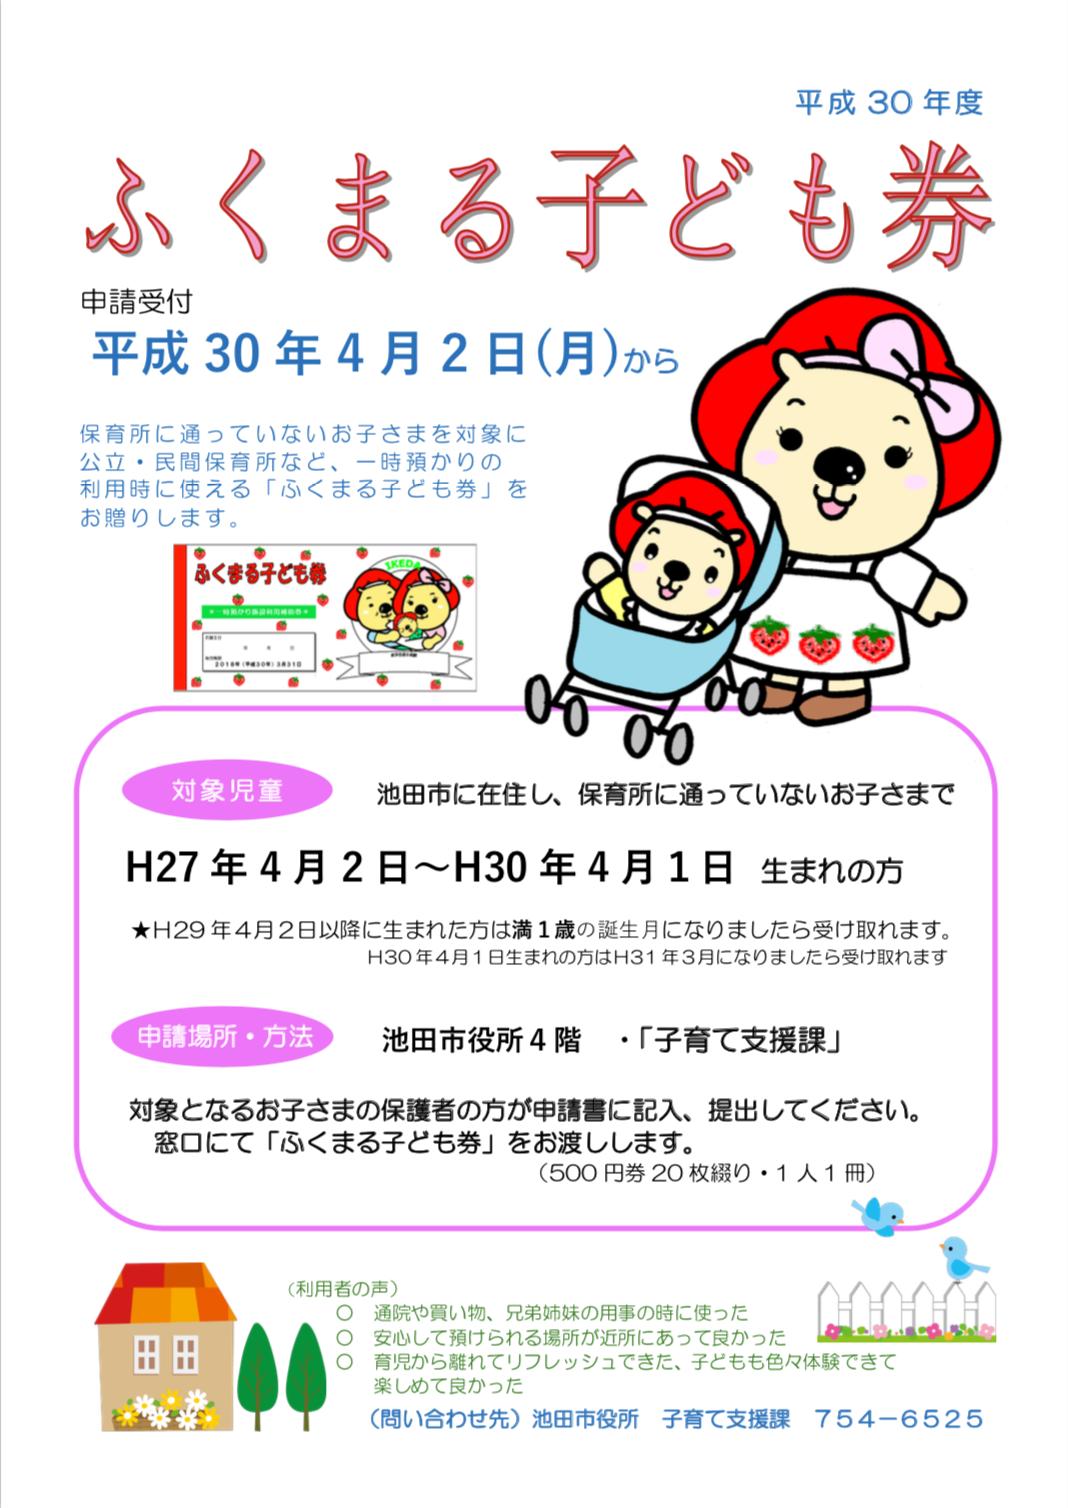 池田市が対象者に、ふくまる子ども券(平成30年度版)をプレゼント!